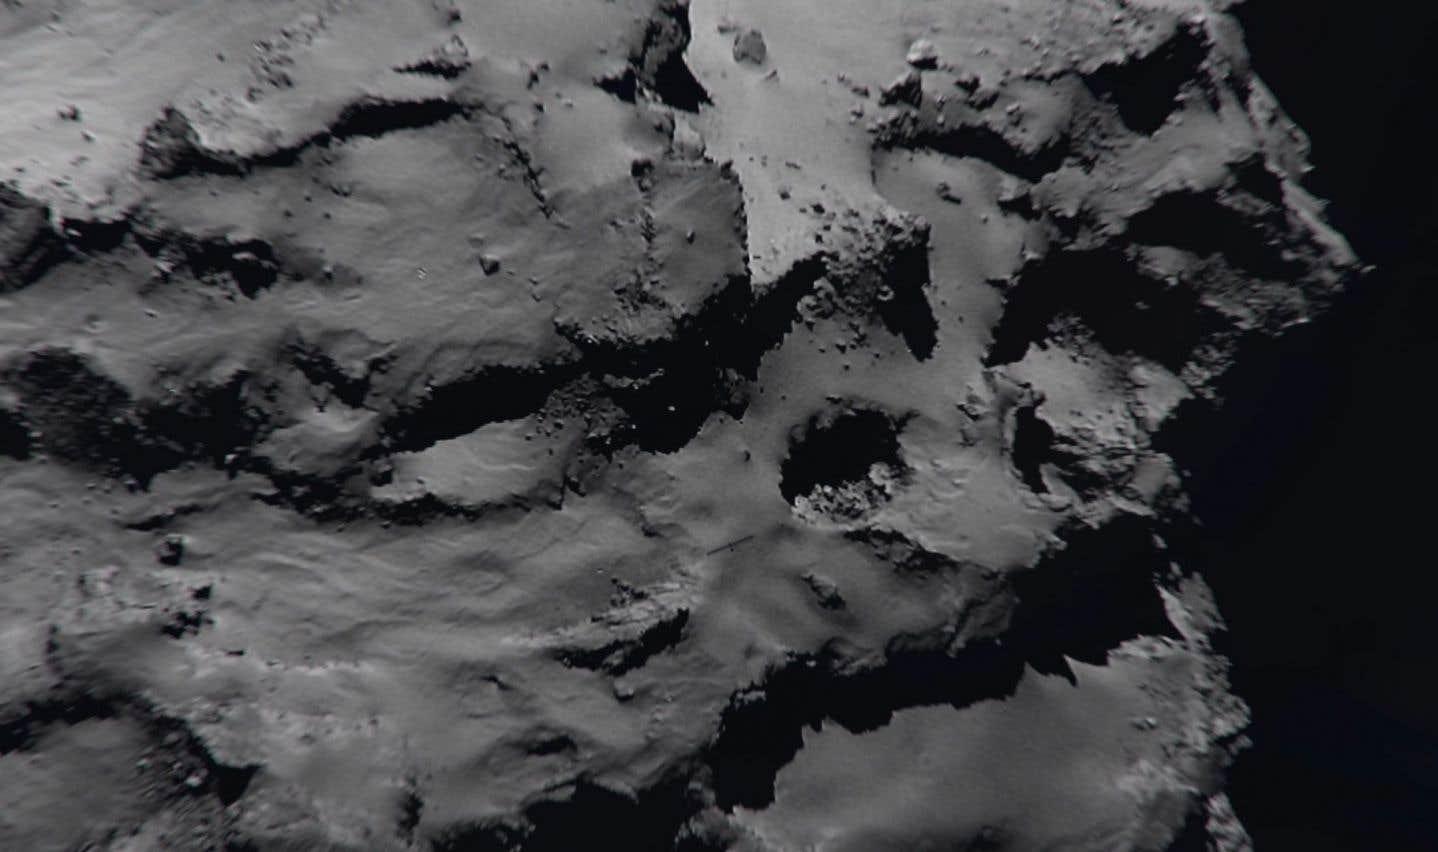 Lancée en mars2004, Rosetta, qui a parcouru 7,9milliards de kilomètres, escortait depuis août2014 la comète Tchourioumov-Guérassimenko, sur laquelle elle s'est écrasée.